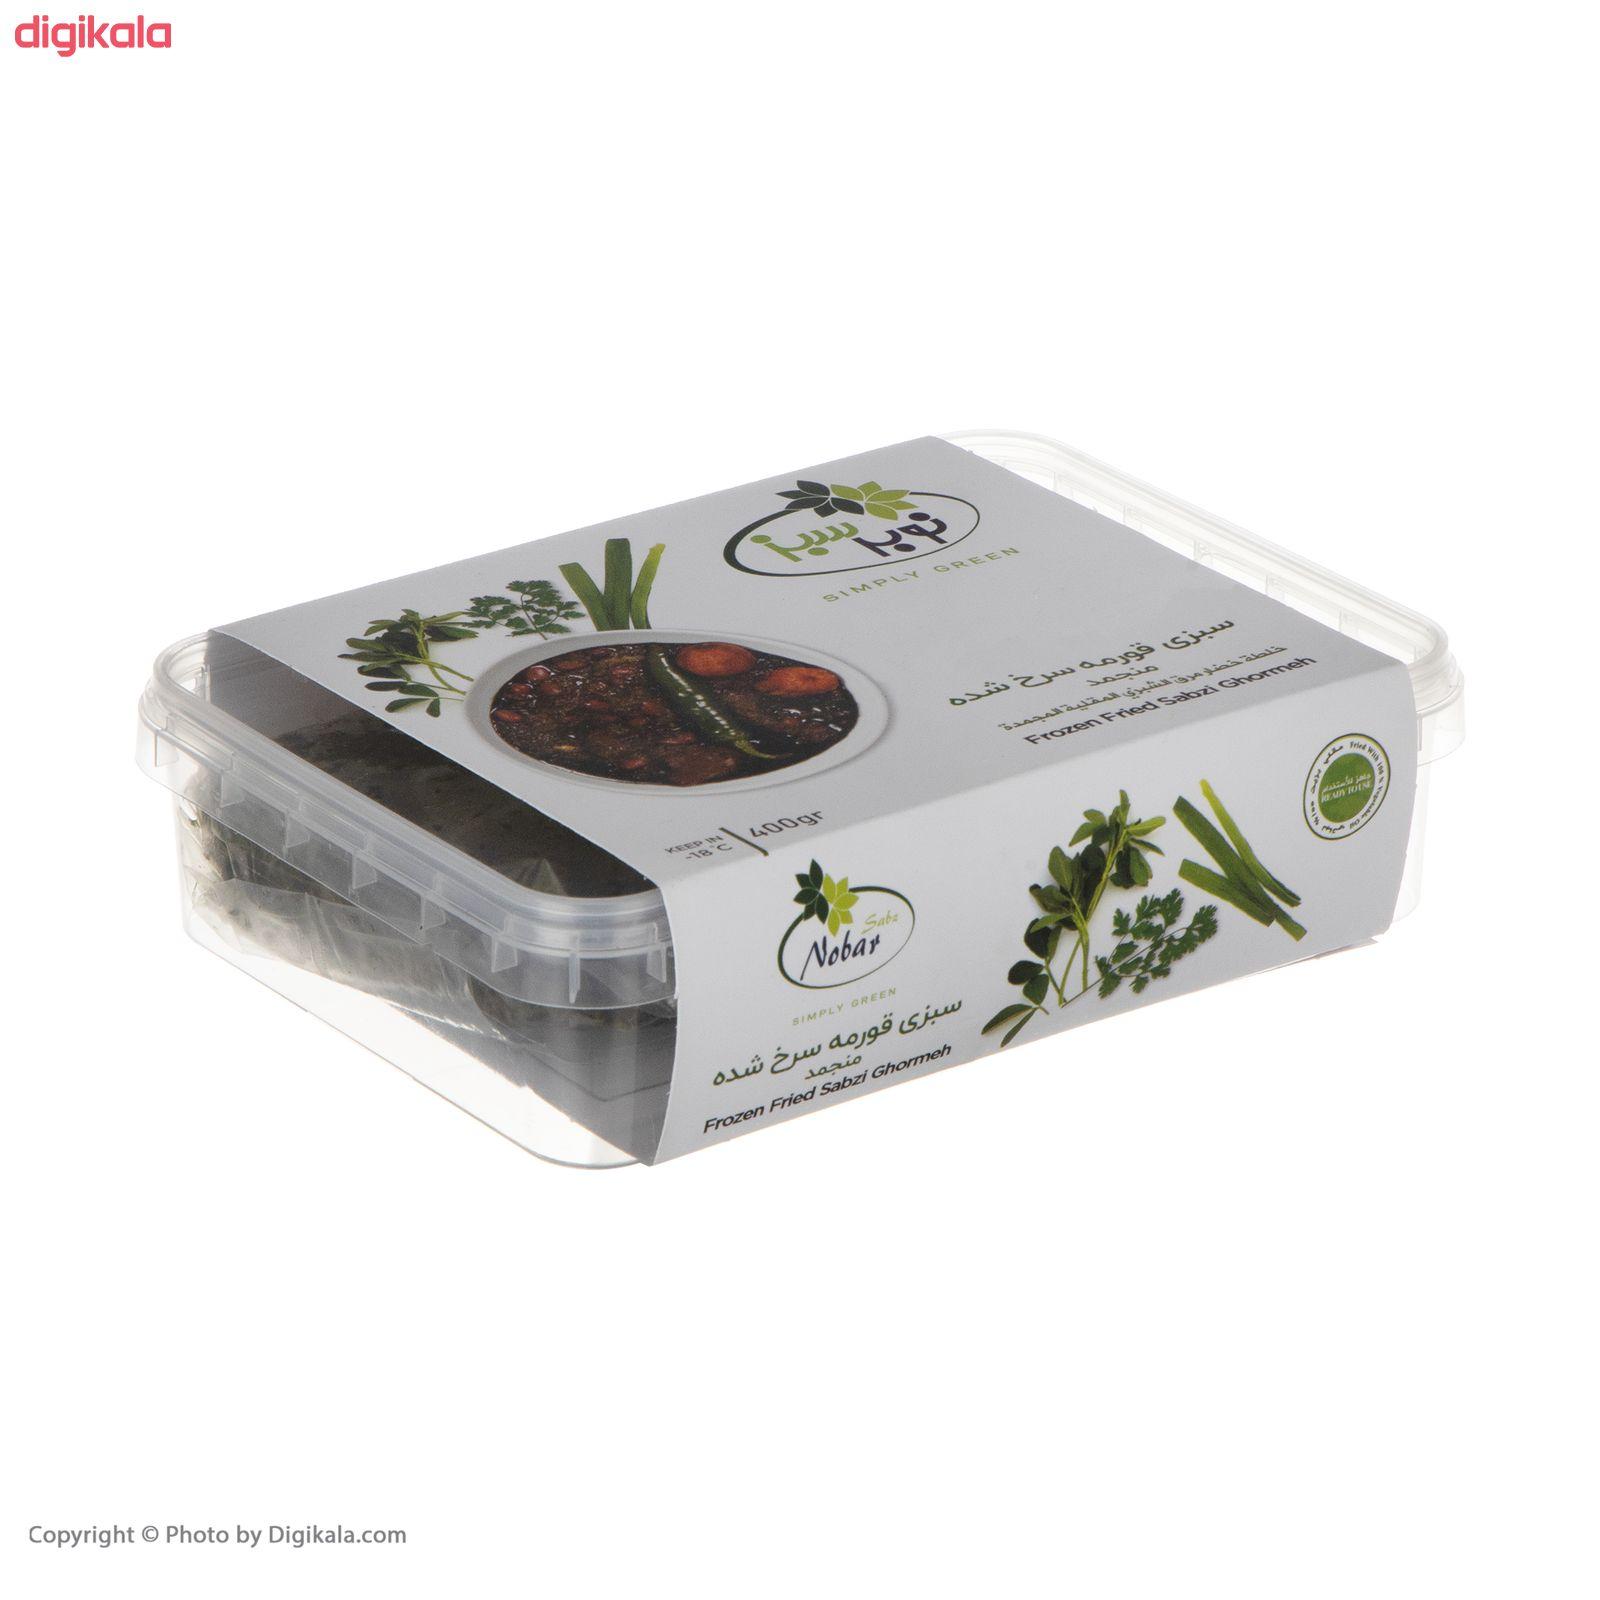 سبزی قورمه سرخ شده منجمد نوبر سبز مقدار 400 گرم main 1 7